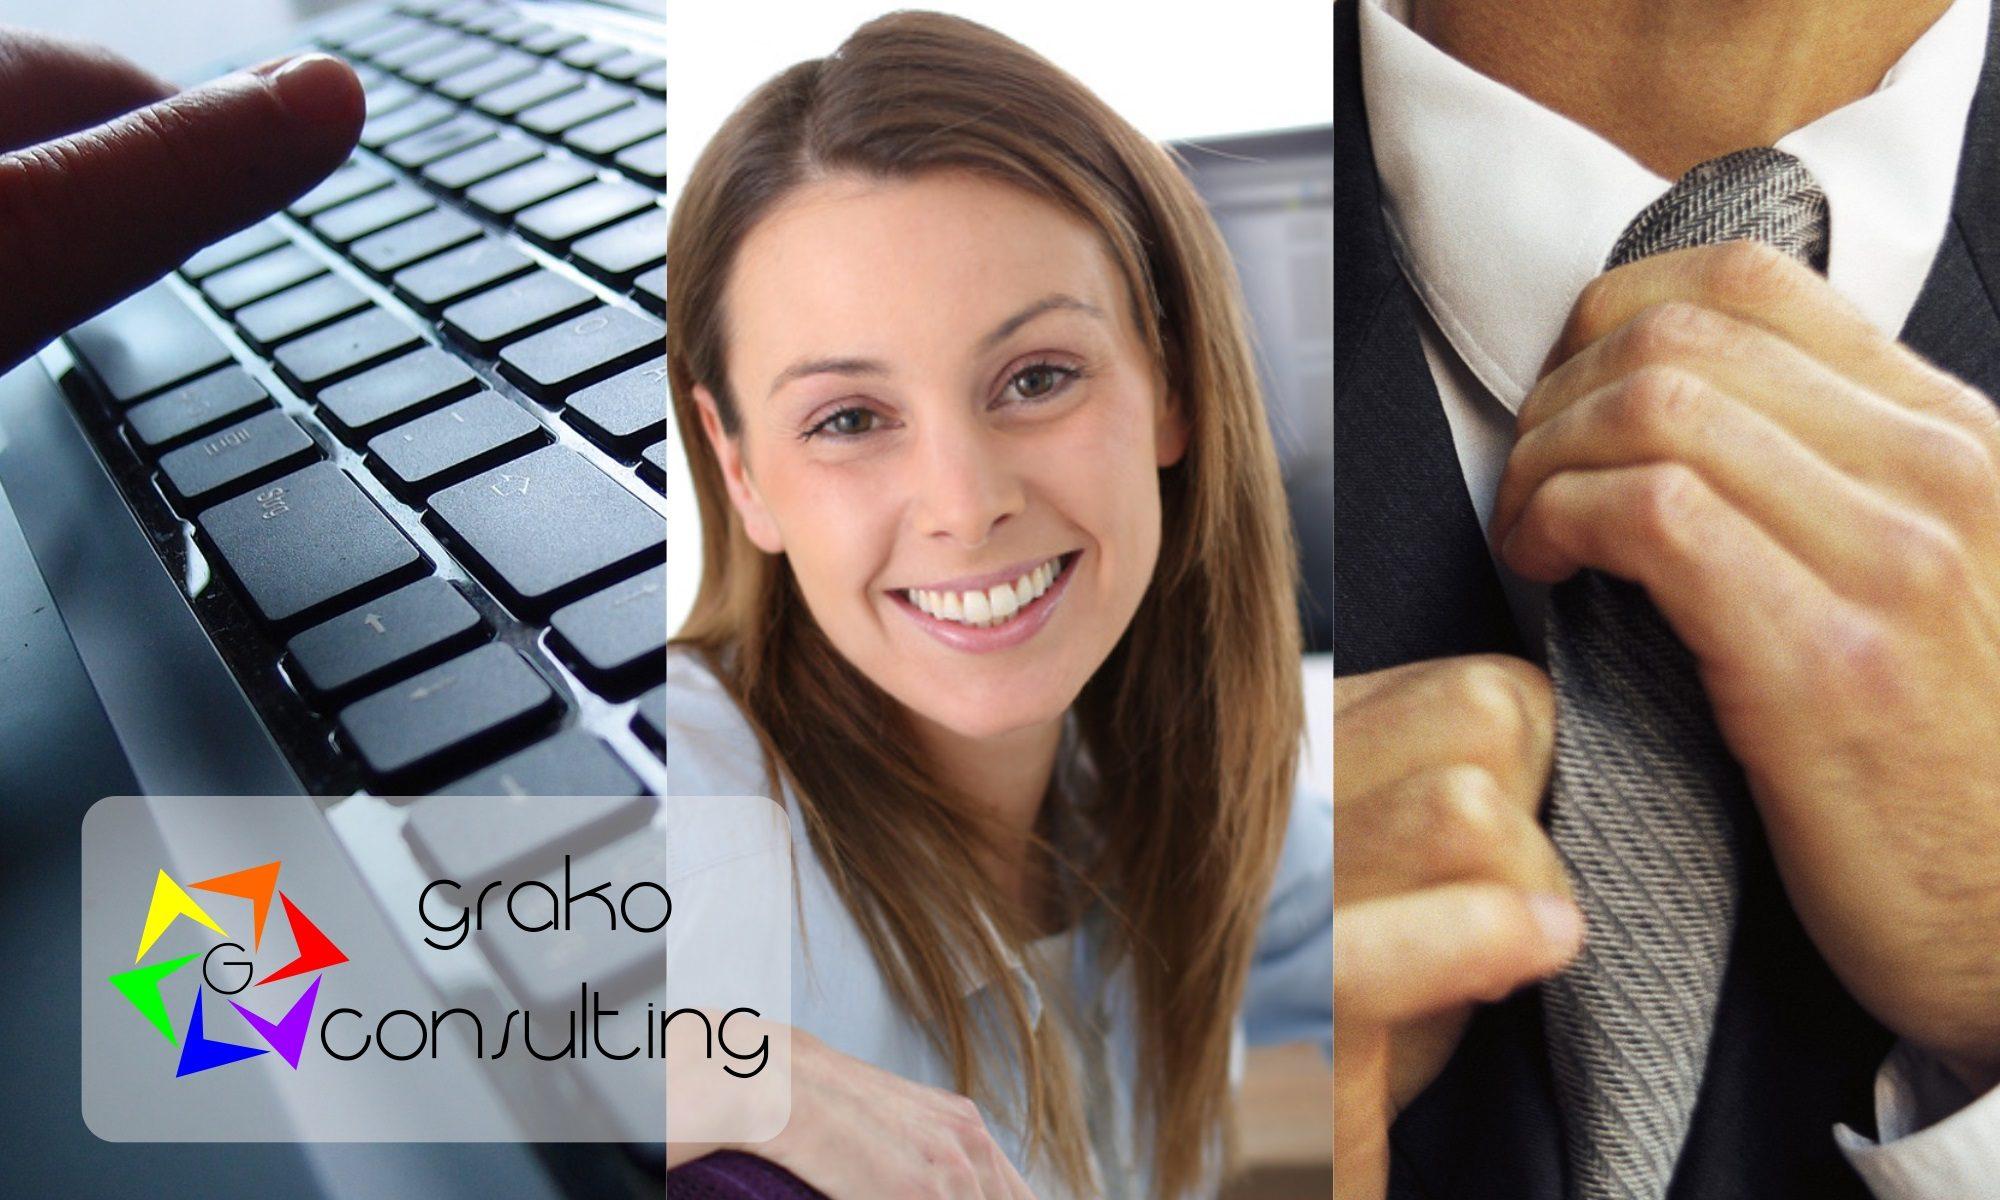 Grako Consulting